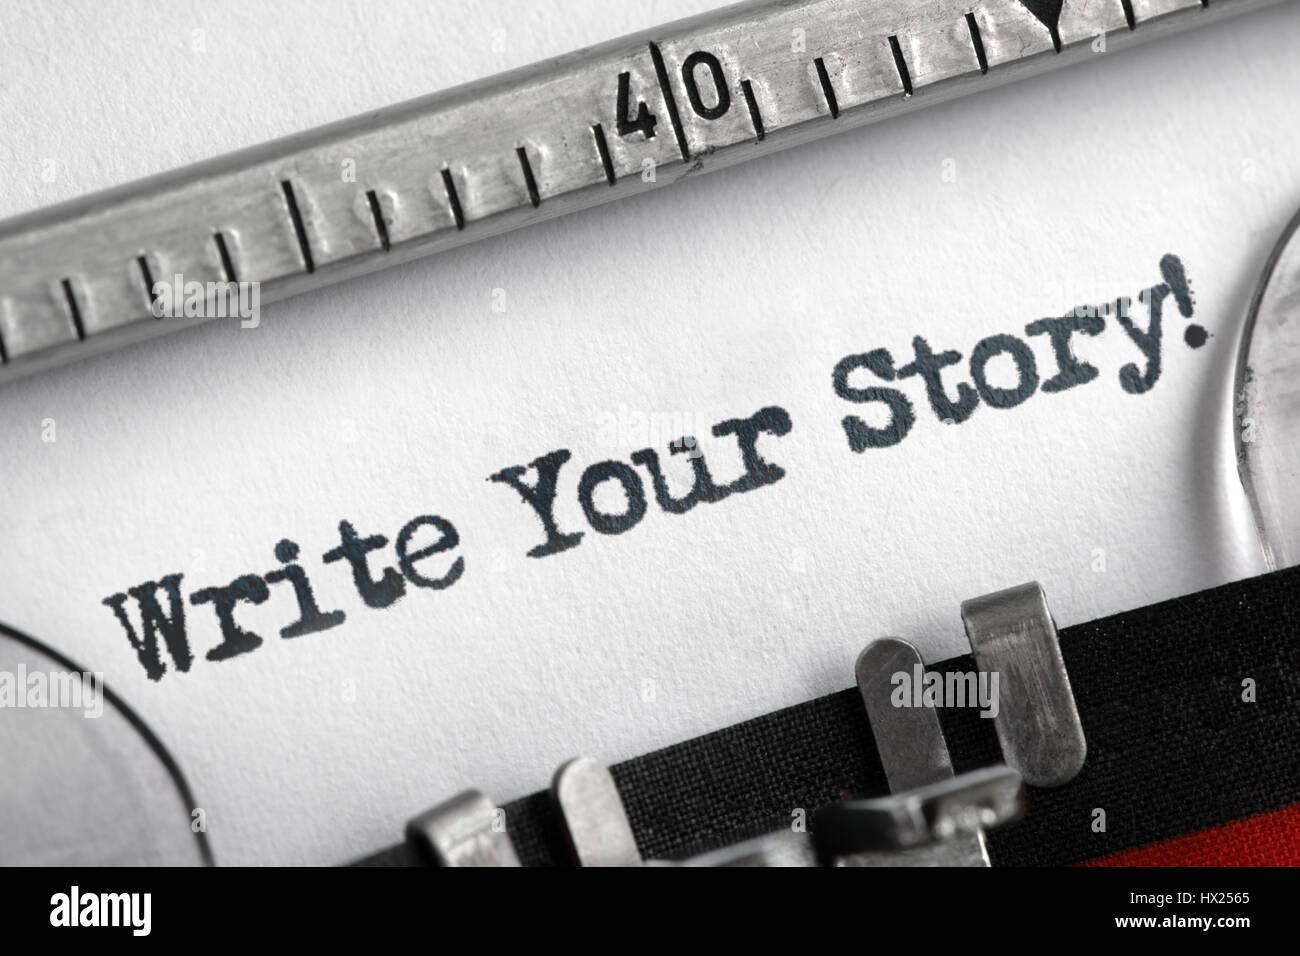 Écrivez votre histoire écrite sur une vieille machine à écrire pour concept unique, particulier Photo Stock